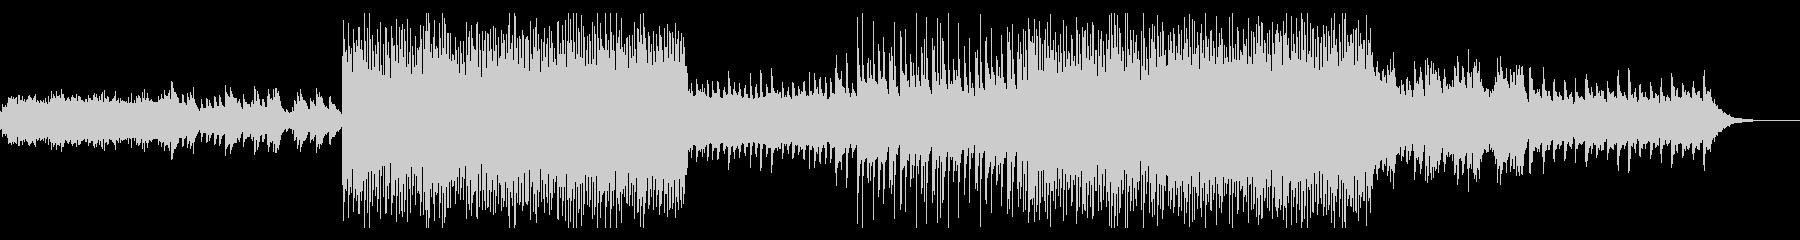 ピアノとシンセがメインの爽やかなポップの未再生の波形